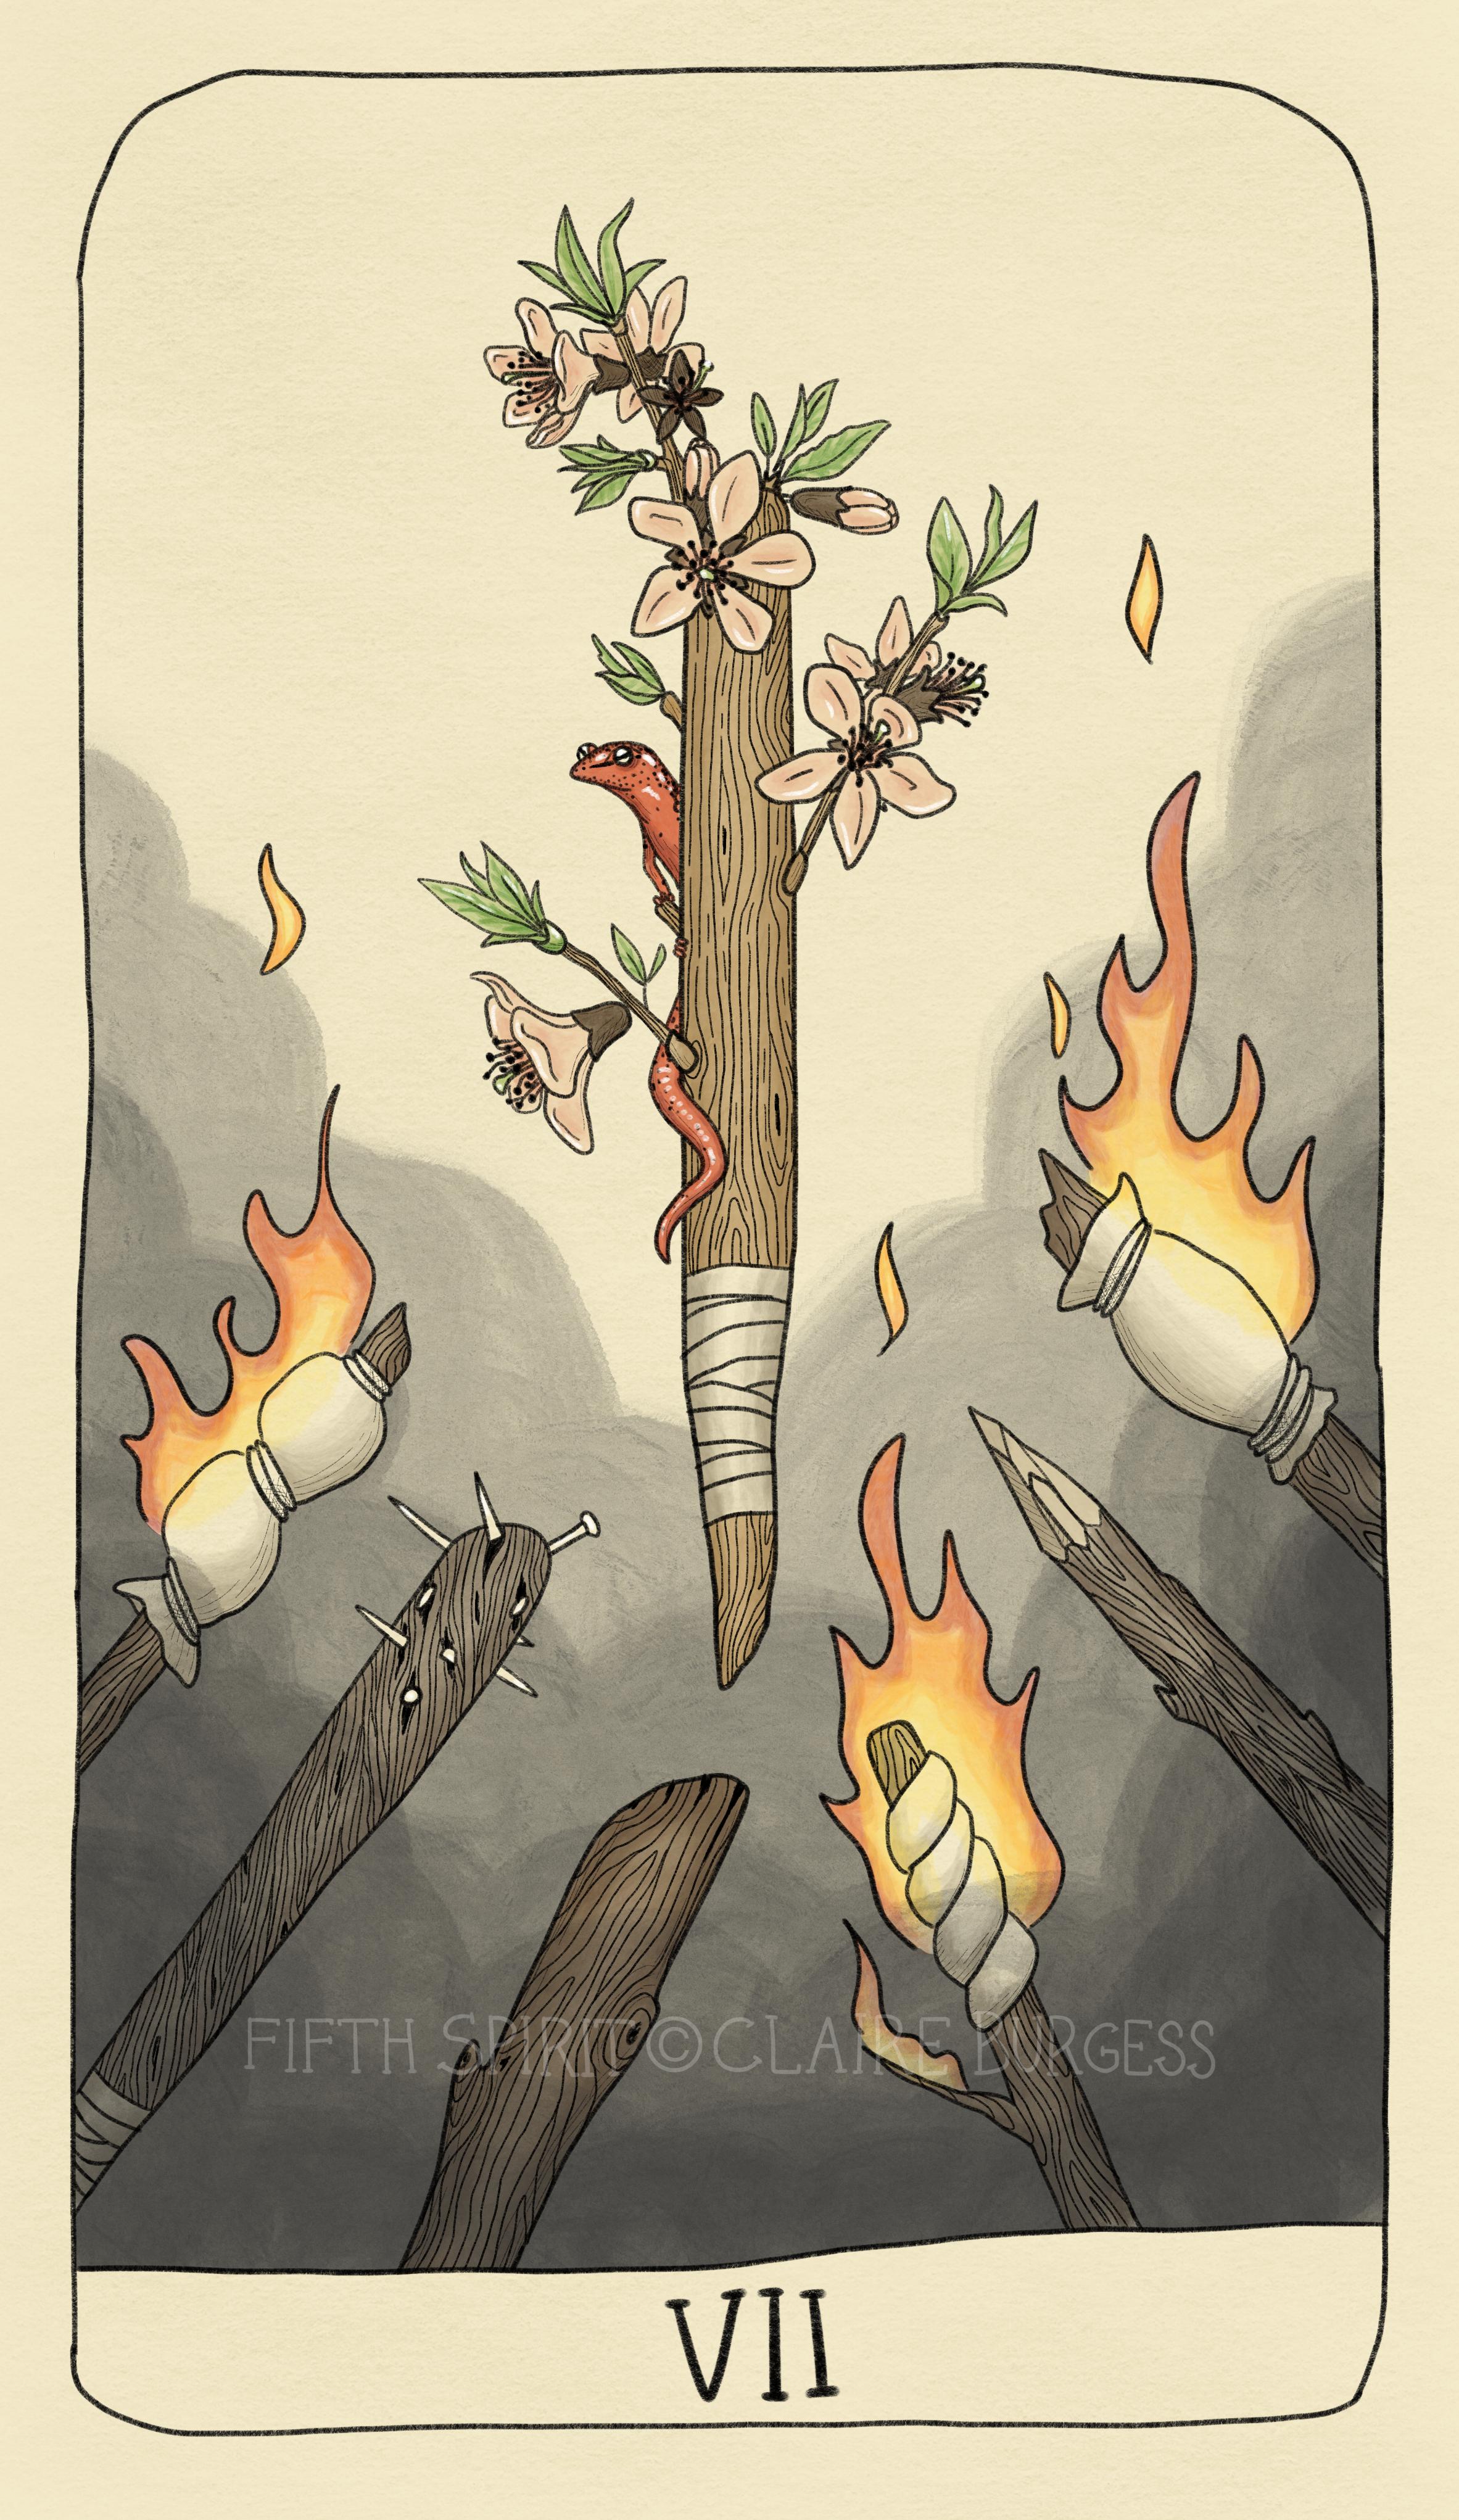 7 of Wands Fifth Spirit Tarot